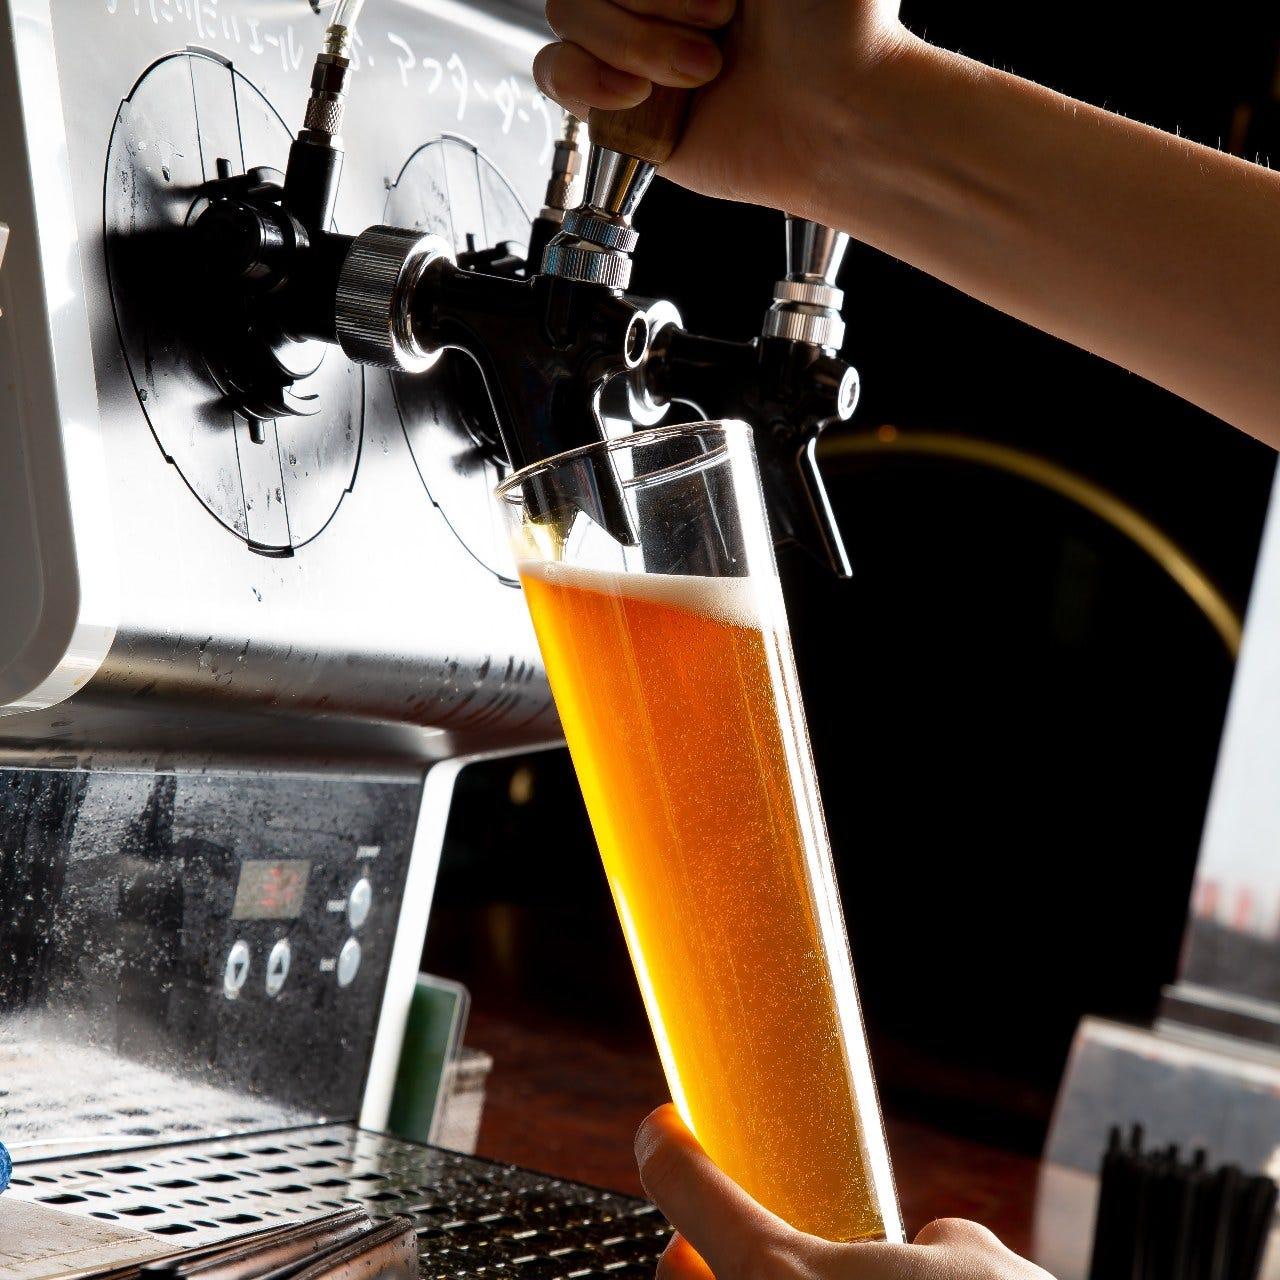 期間限定!!【クラフトビール6種含む★2時間飲み放題付パーティーコース】 4400円(税込)